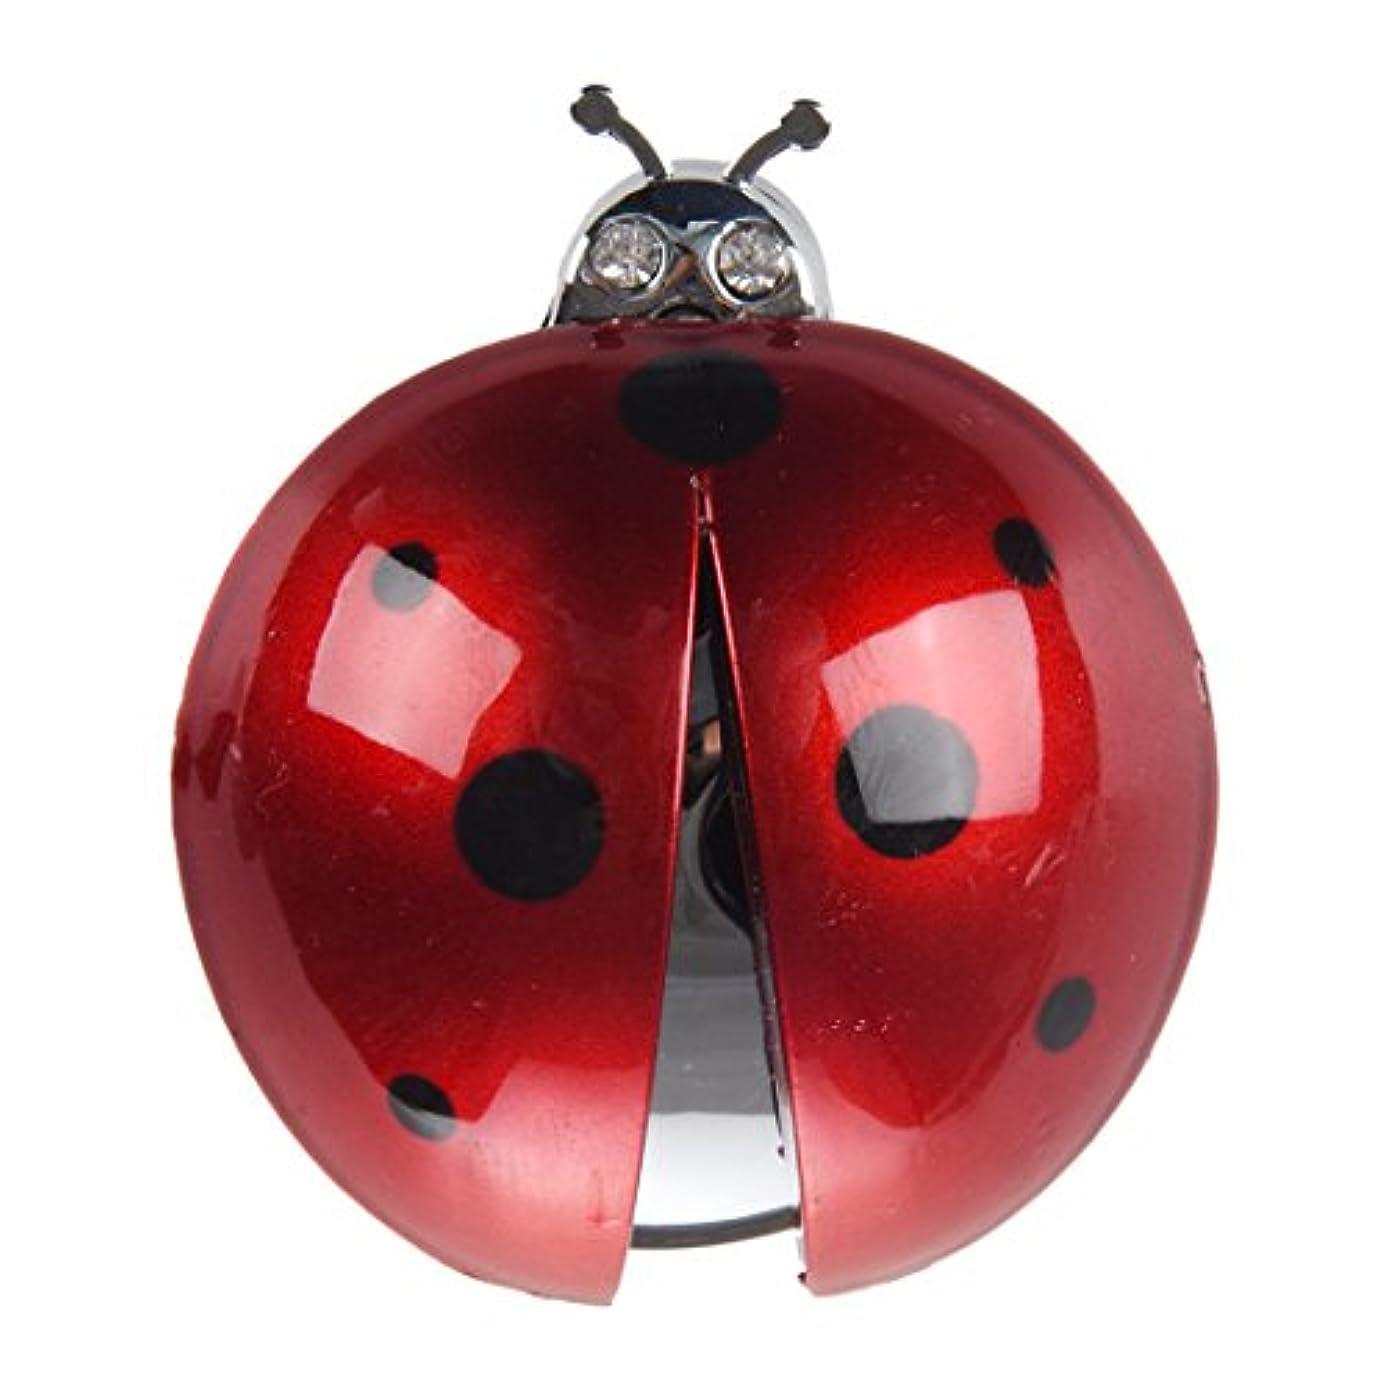 アマゾンジャングルコーチ可塑性TYJP TYJP(R)車の空気ベント てんとう虫のデザイン フレグランス 清浄 芳香 ダークレッド